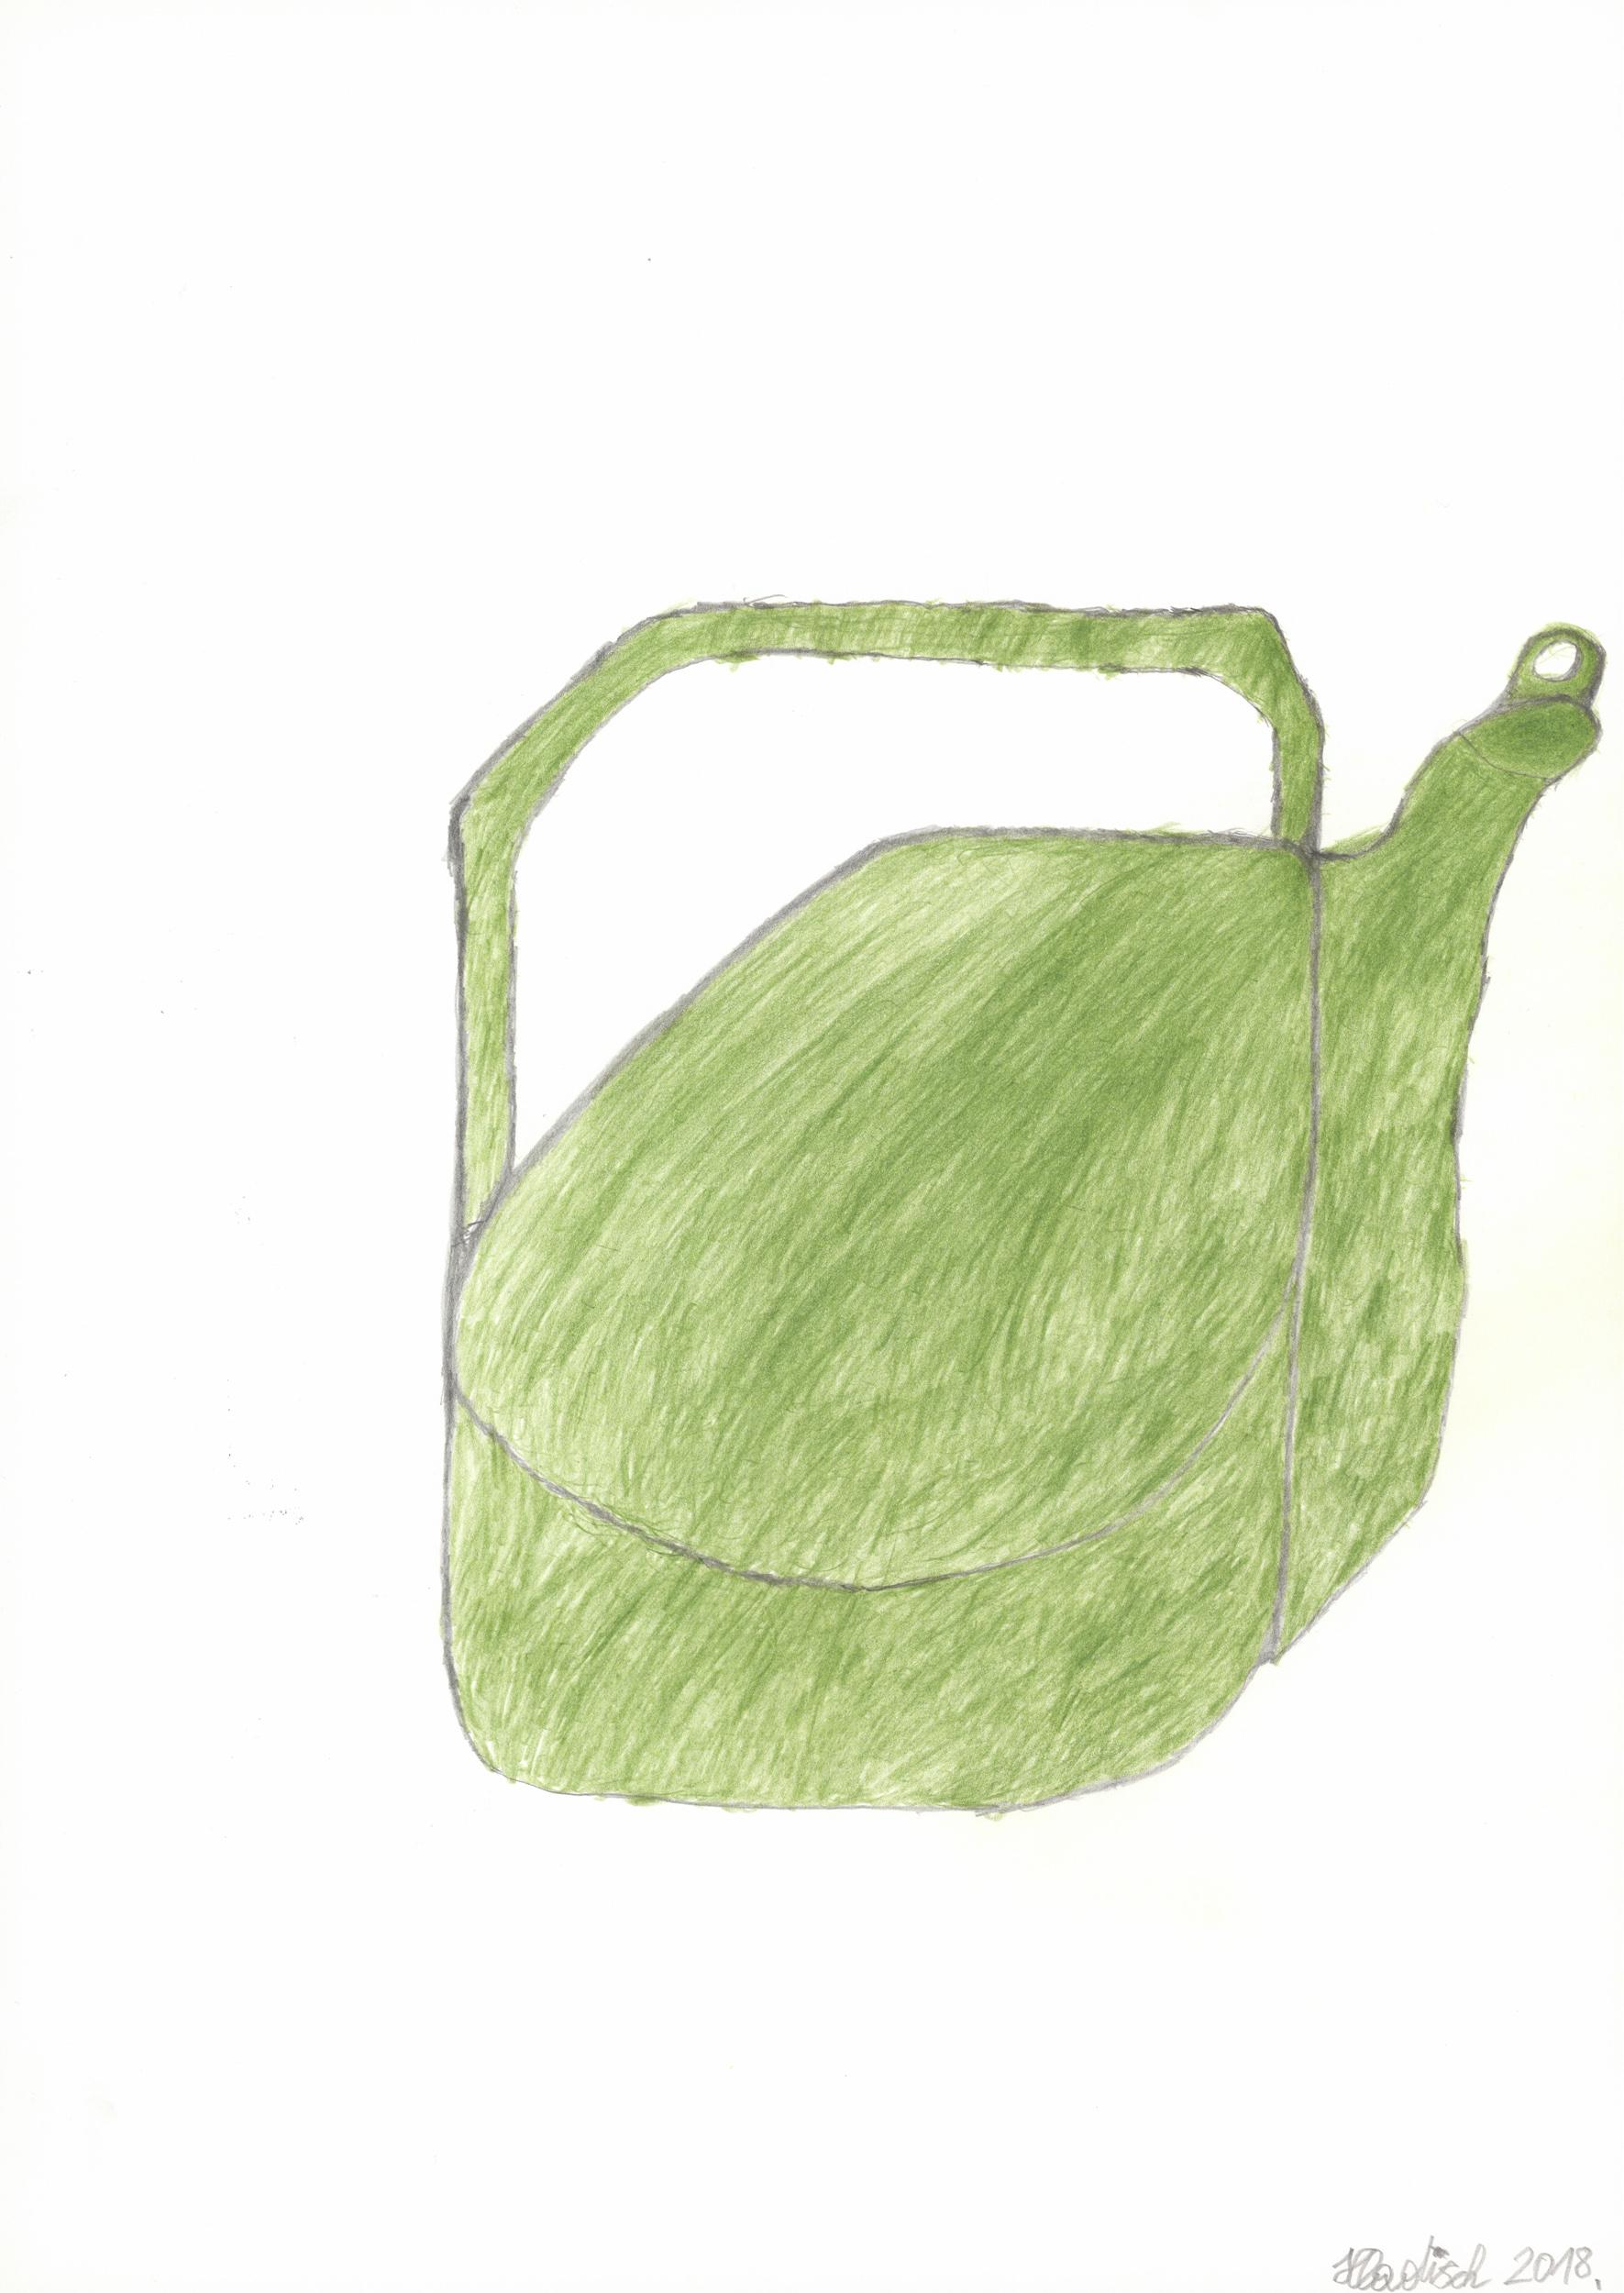 hladisch helmut - Gießkanne / Watering can